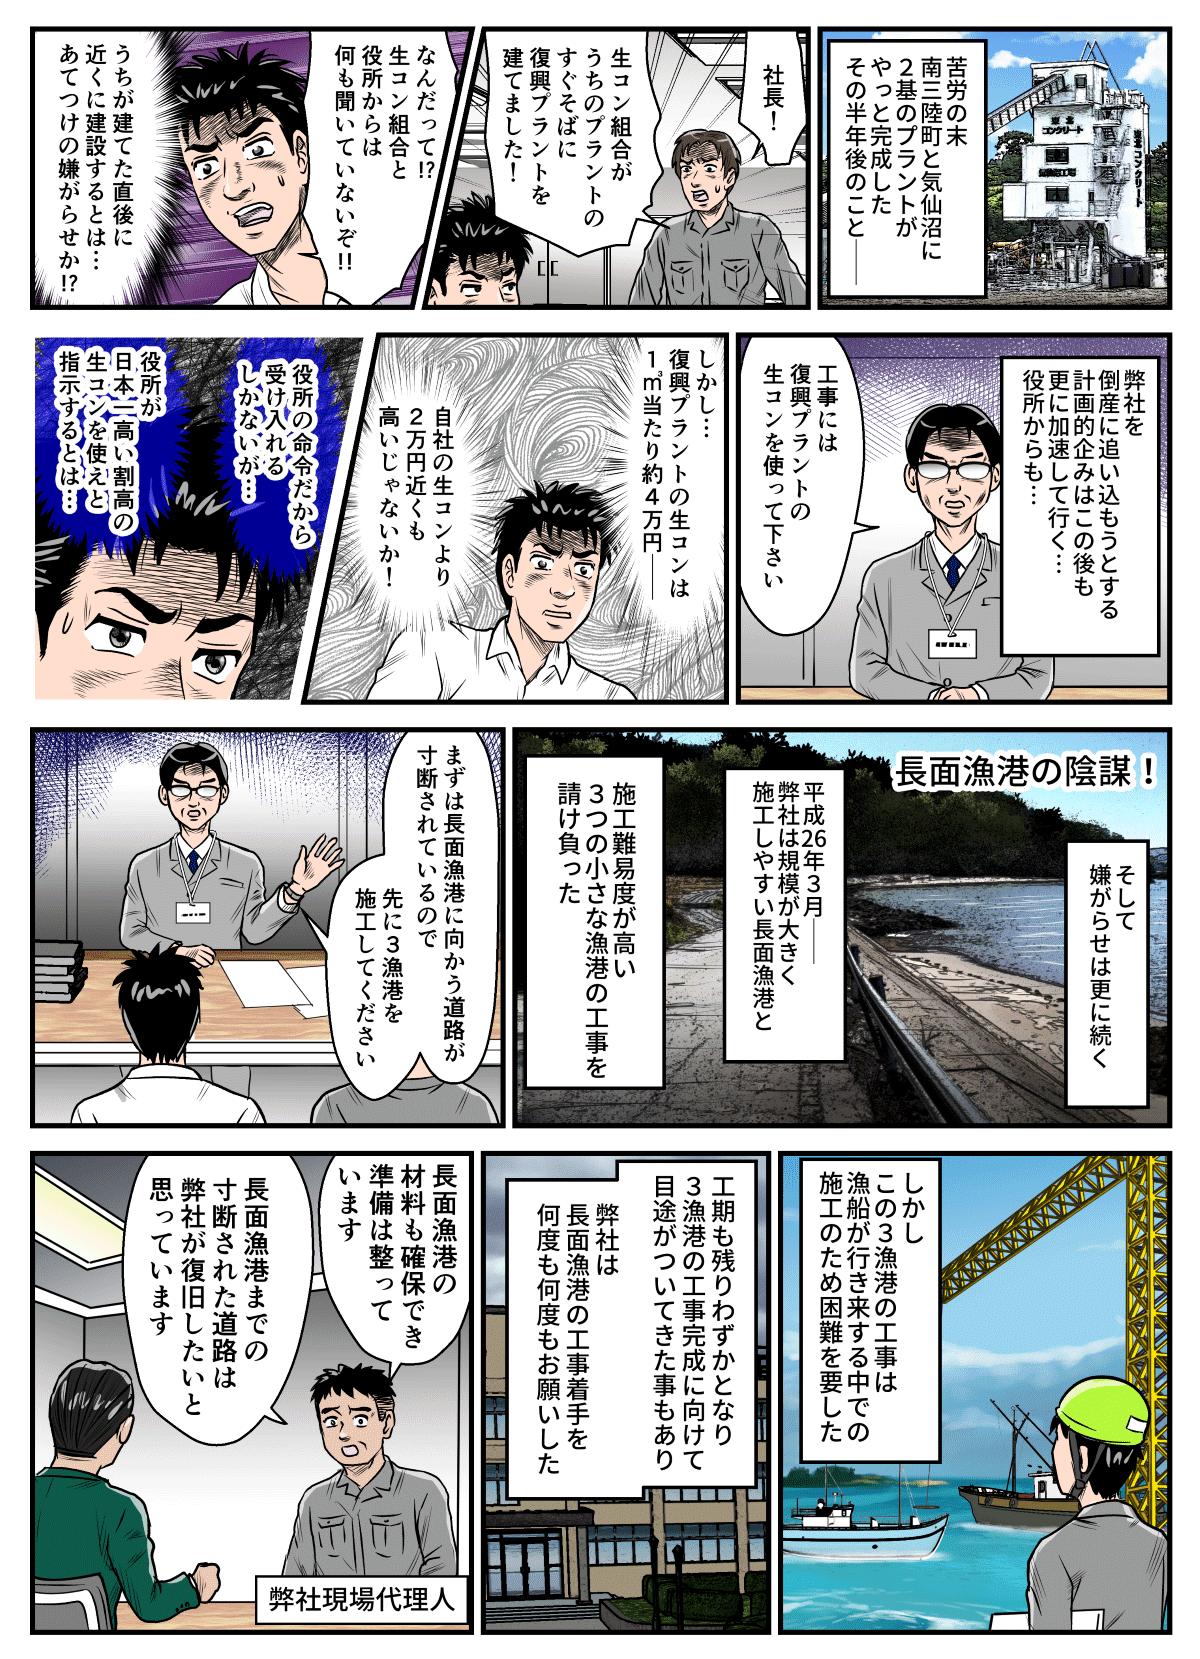 touhoku0702